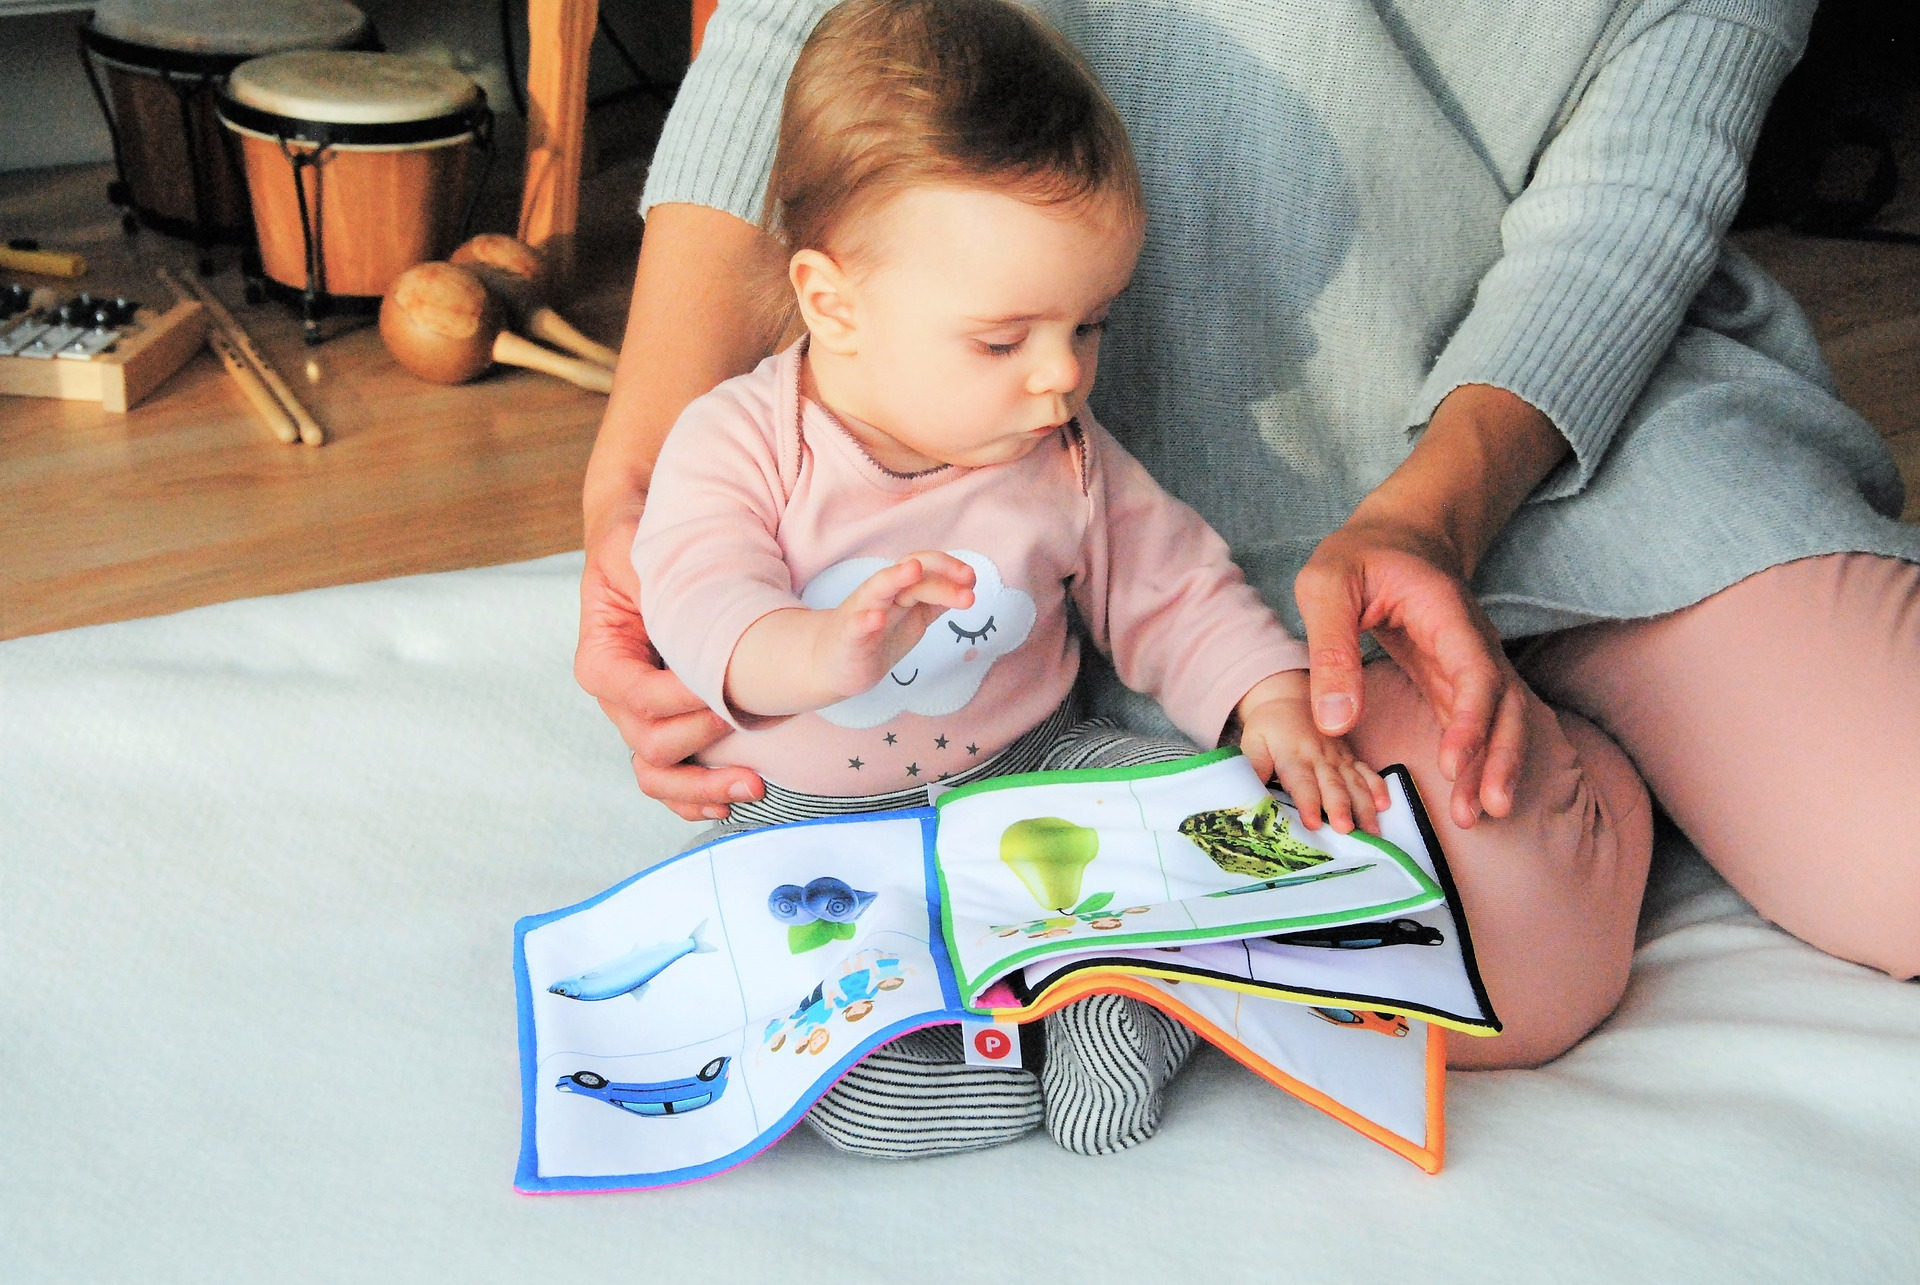 さいごに: 知育玩具・おもちゃのサブスクで今しかないお子さんとの時間をたっぷり過ごしましょう!